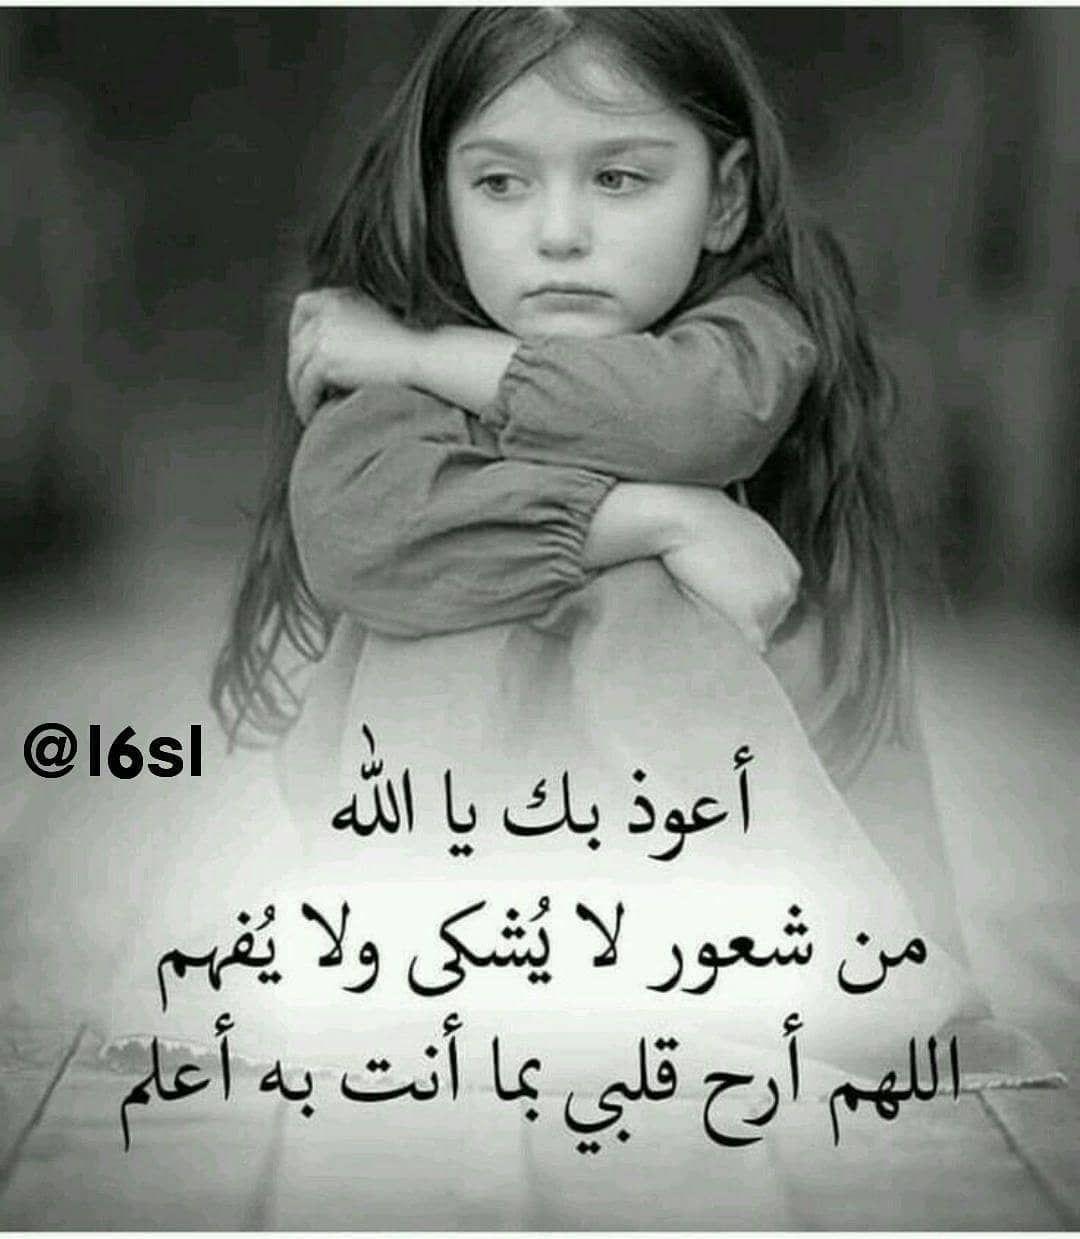 ادبيات On Instagram حساب جميل يستحق المتابعة Aiqtibasat Adabia Aiqtibasat Adabia Aiqtibasat Ada Cool Words Words Quotes Islamic Quotes